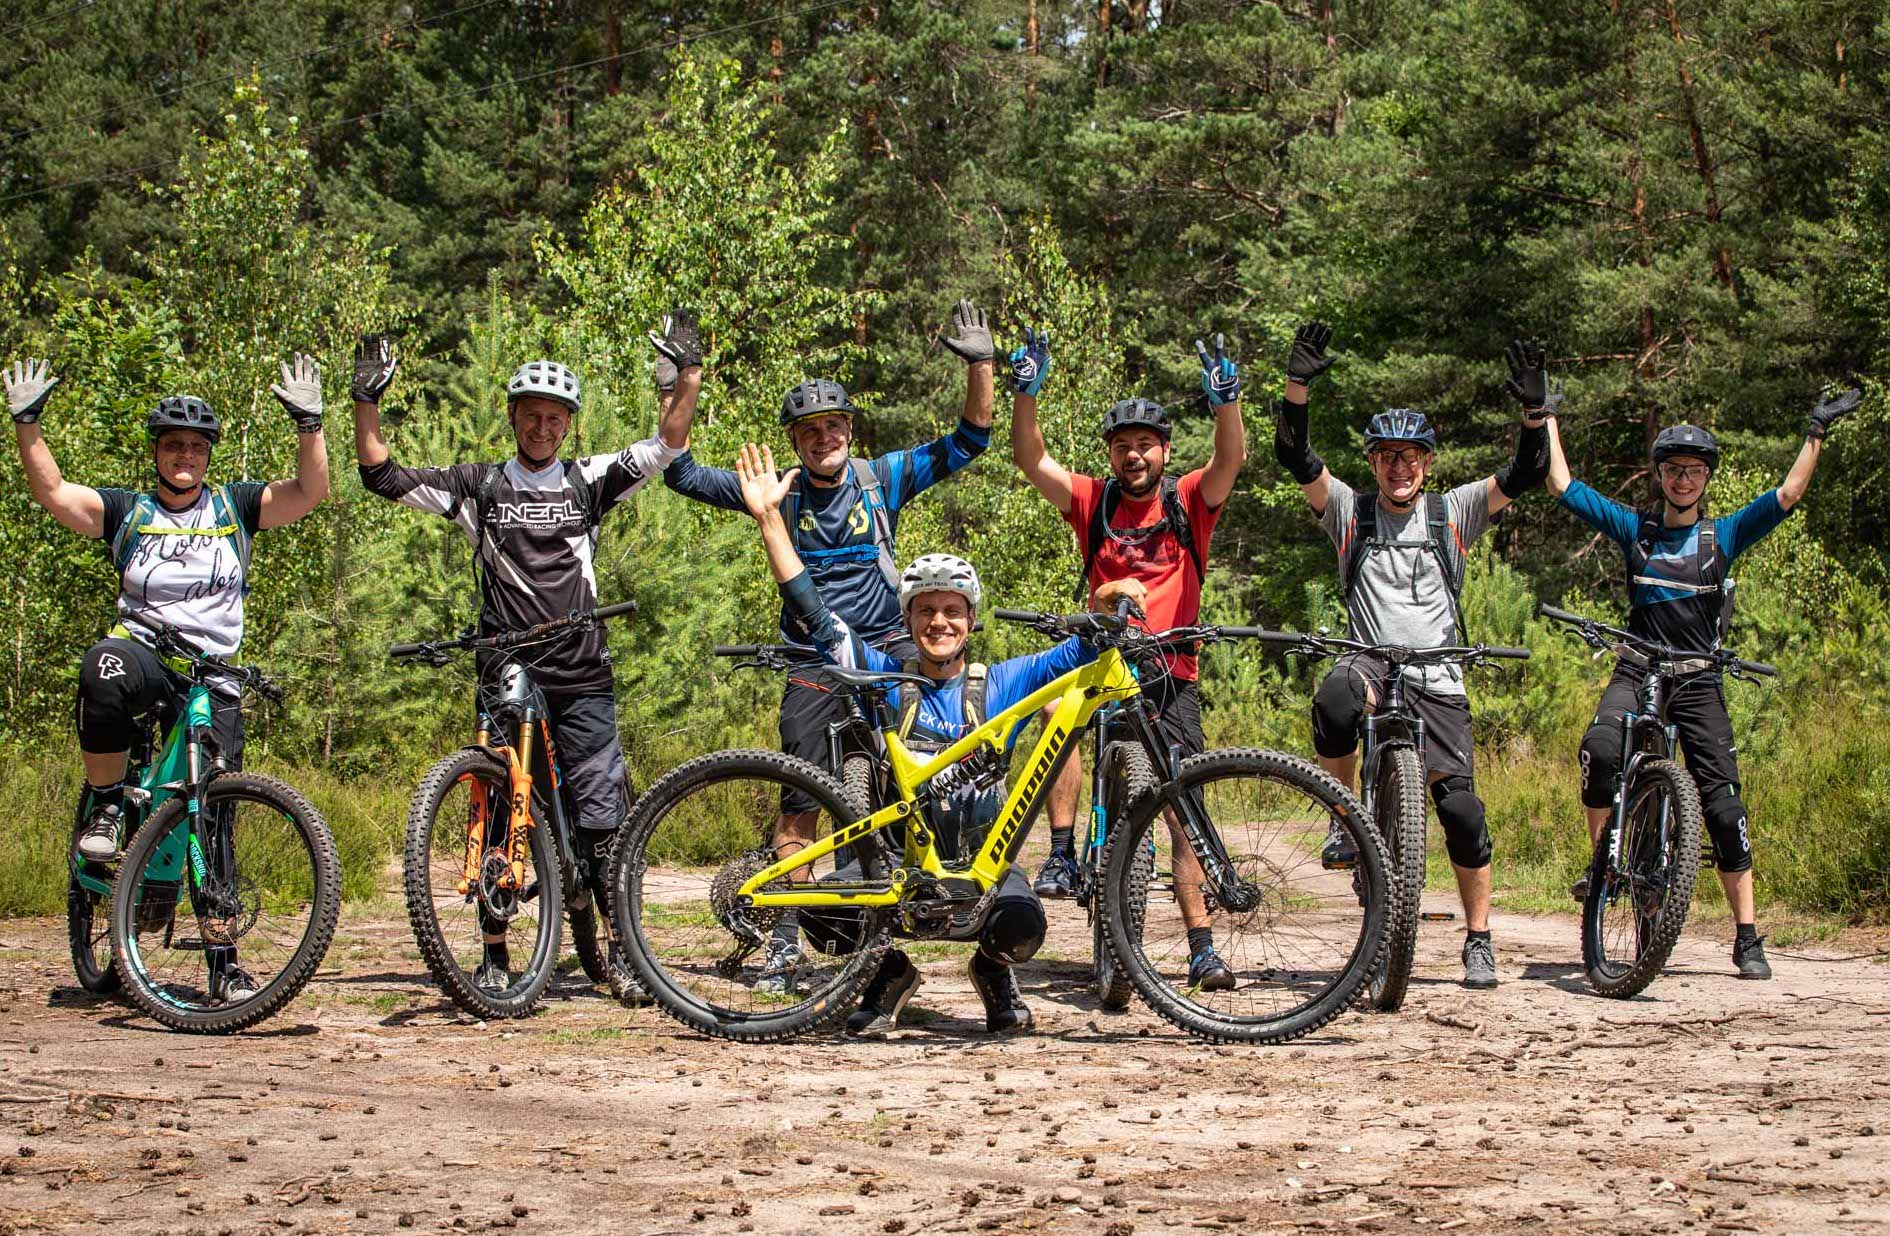 eMTB Fahrtechnik Kurs Einsteiger Freiburg - Schwarzwald Breisgau Schlossberg - Fahrtechnik Training Rock my Trail Bikeschule